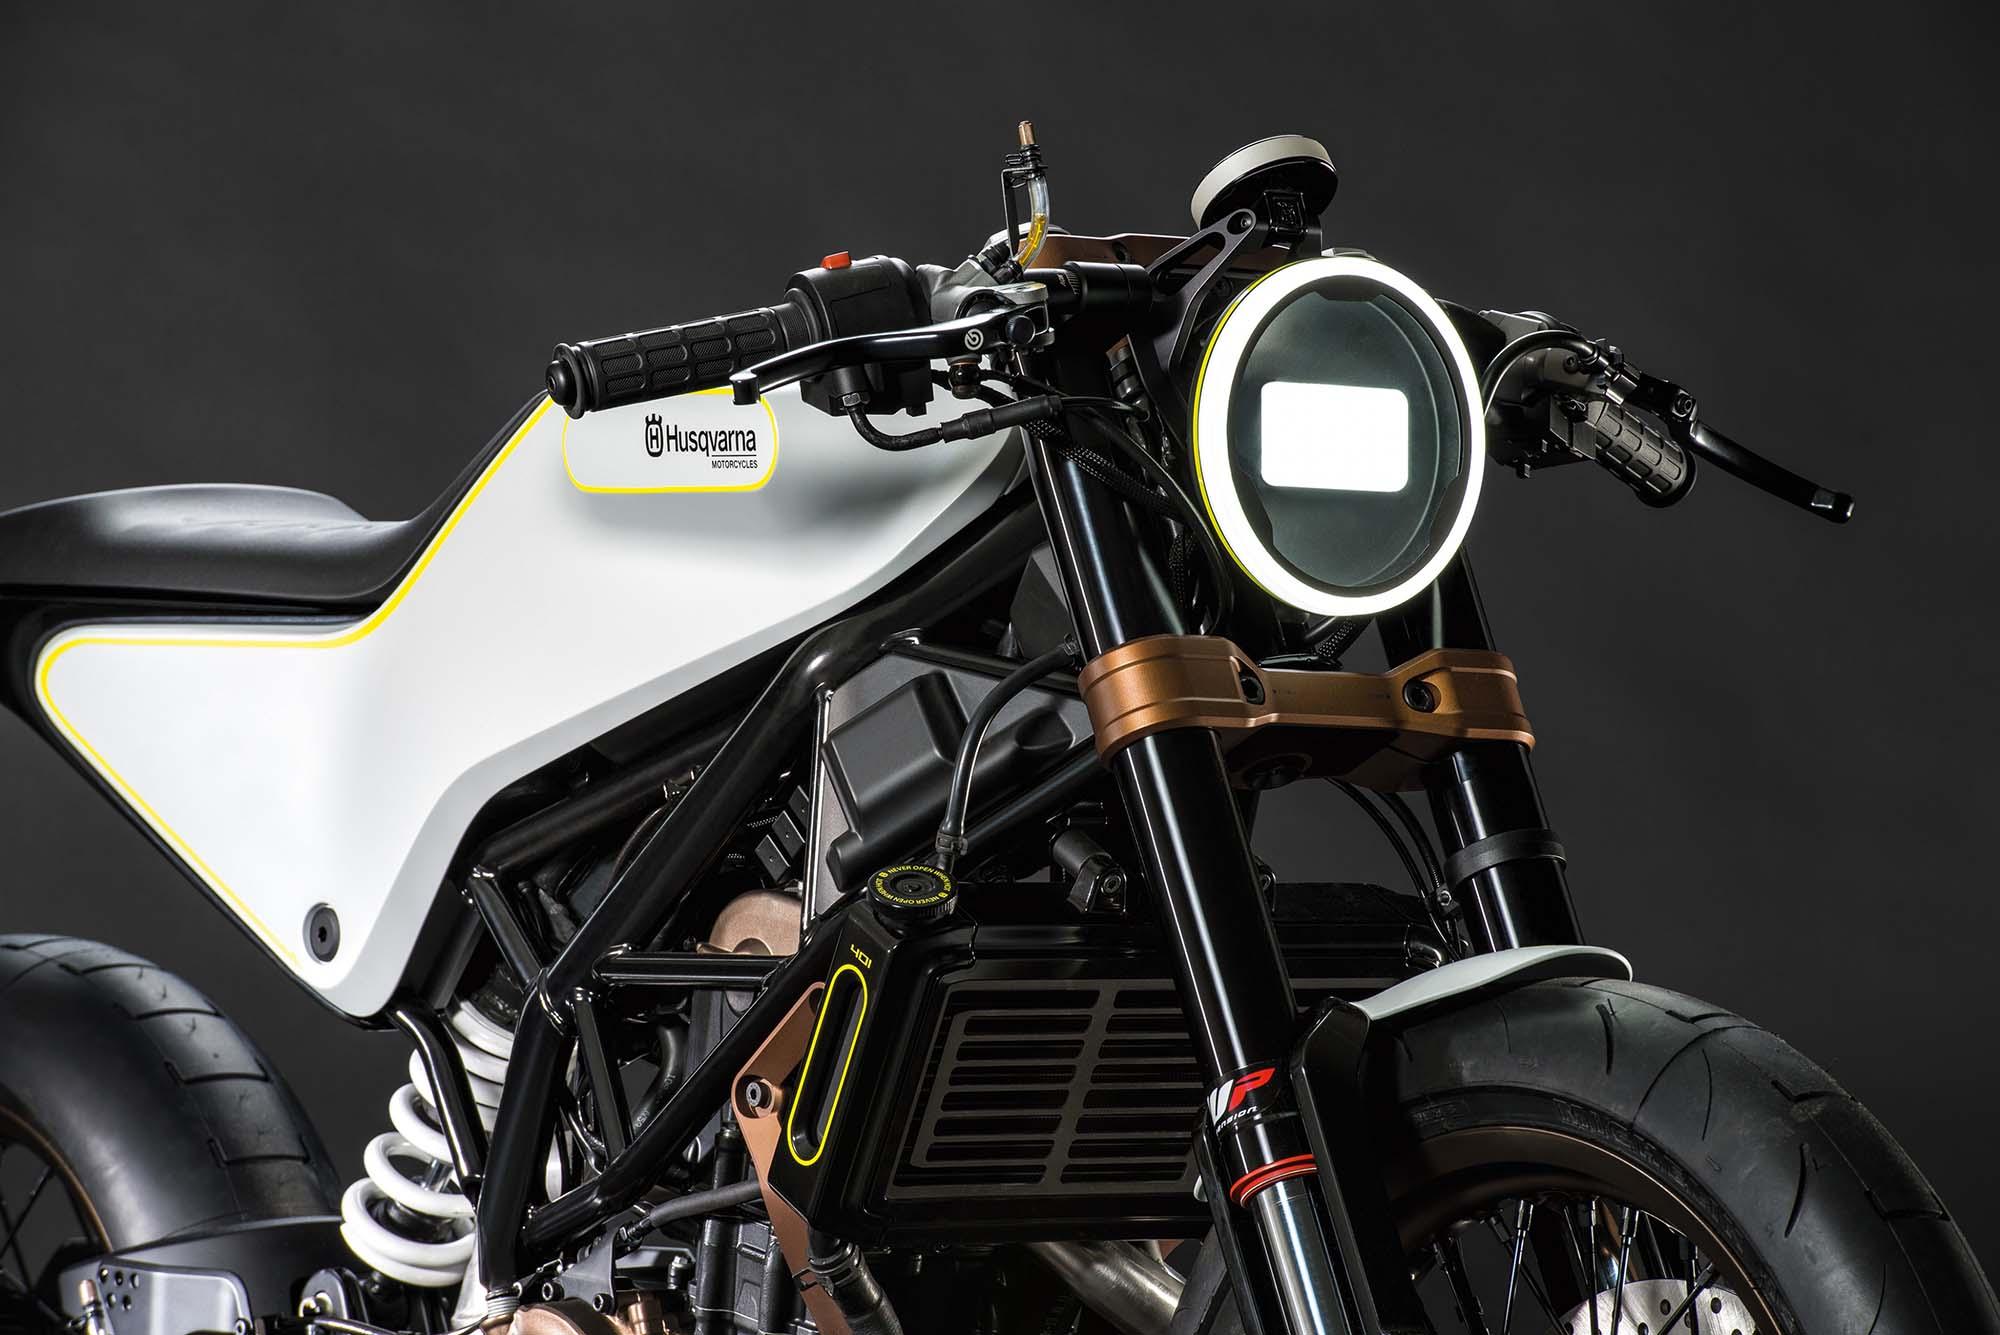 Husqvarna 401 Vitpilen Concept - Asphalt  for Bike Headlight Design  181plt